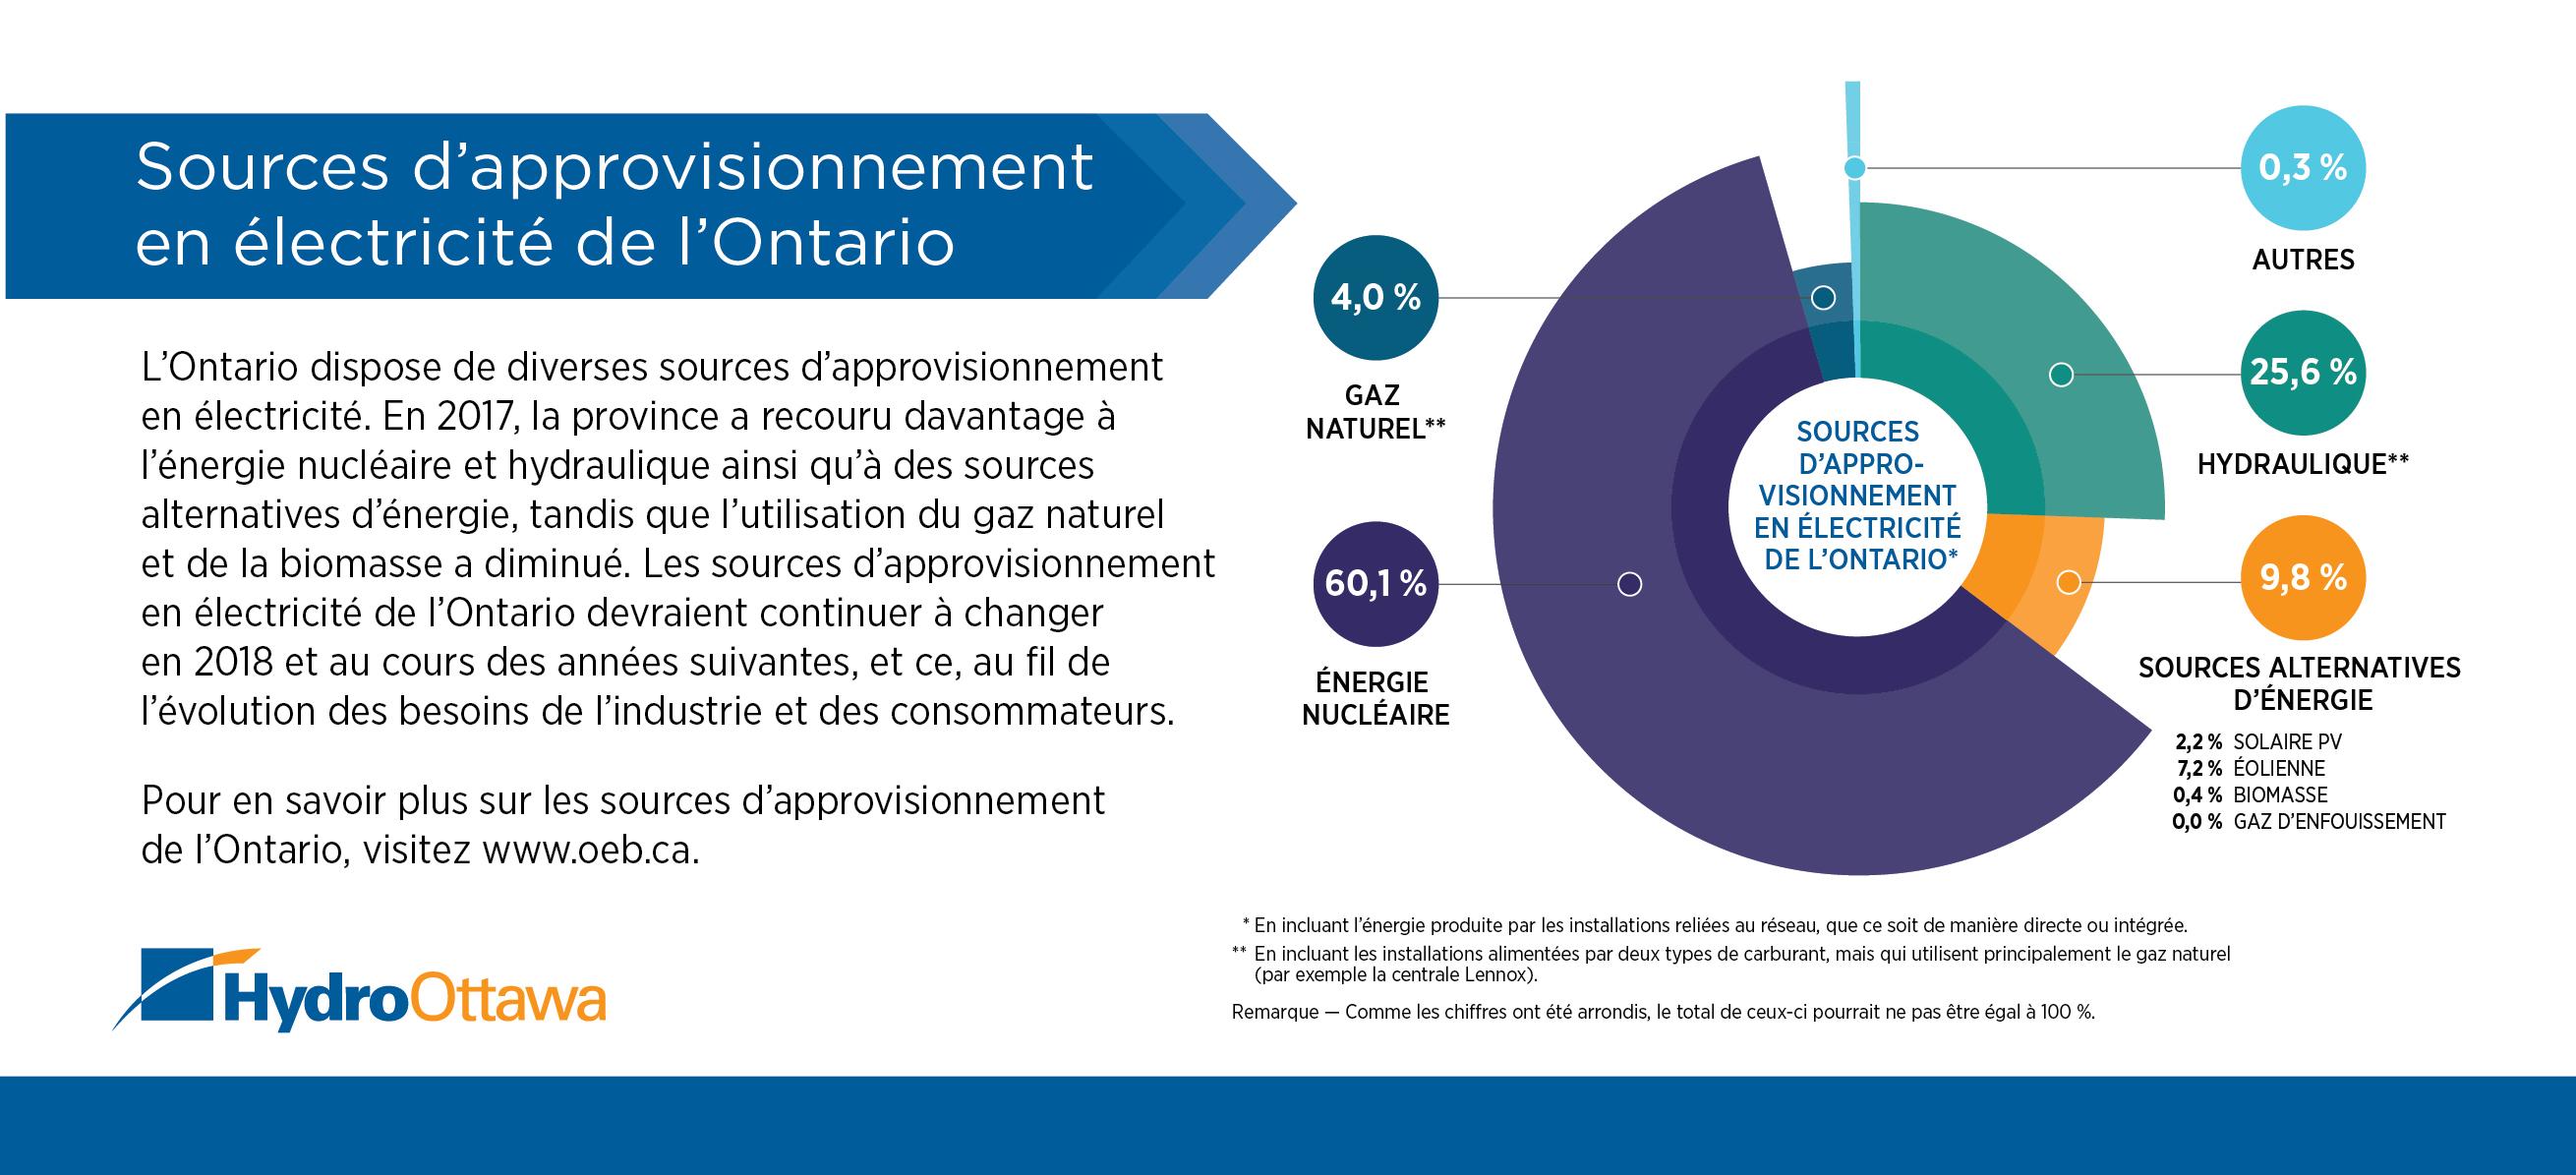 Un graphique illustrant les différentes sources d'énergie en Ontario.